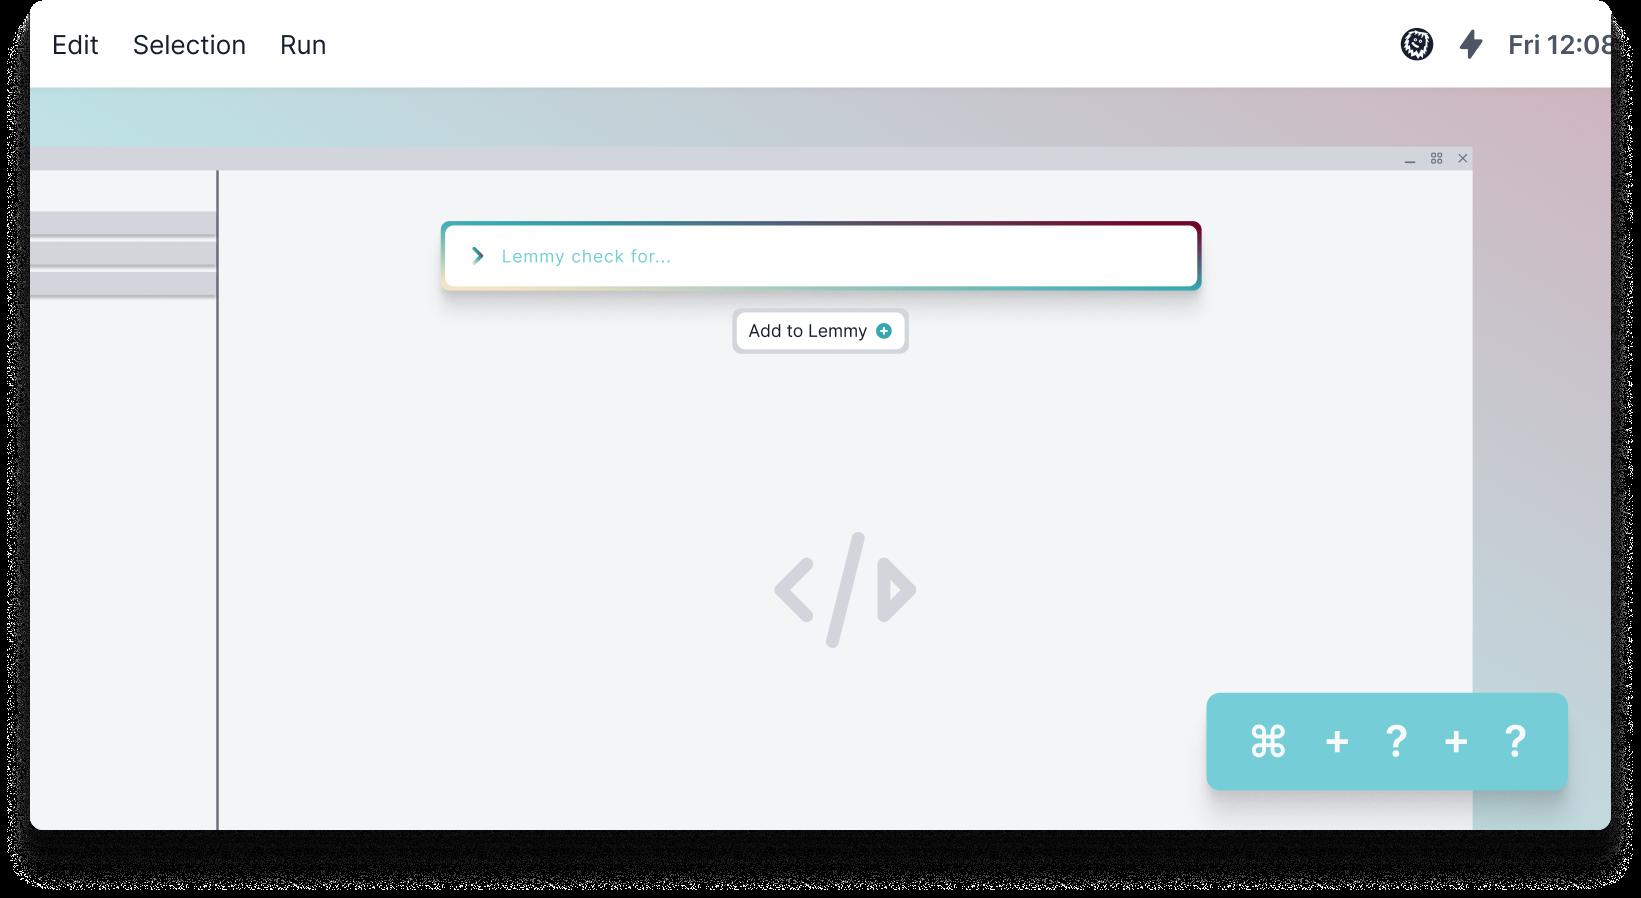 Lemmy App global shortcut feature